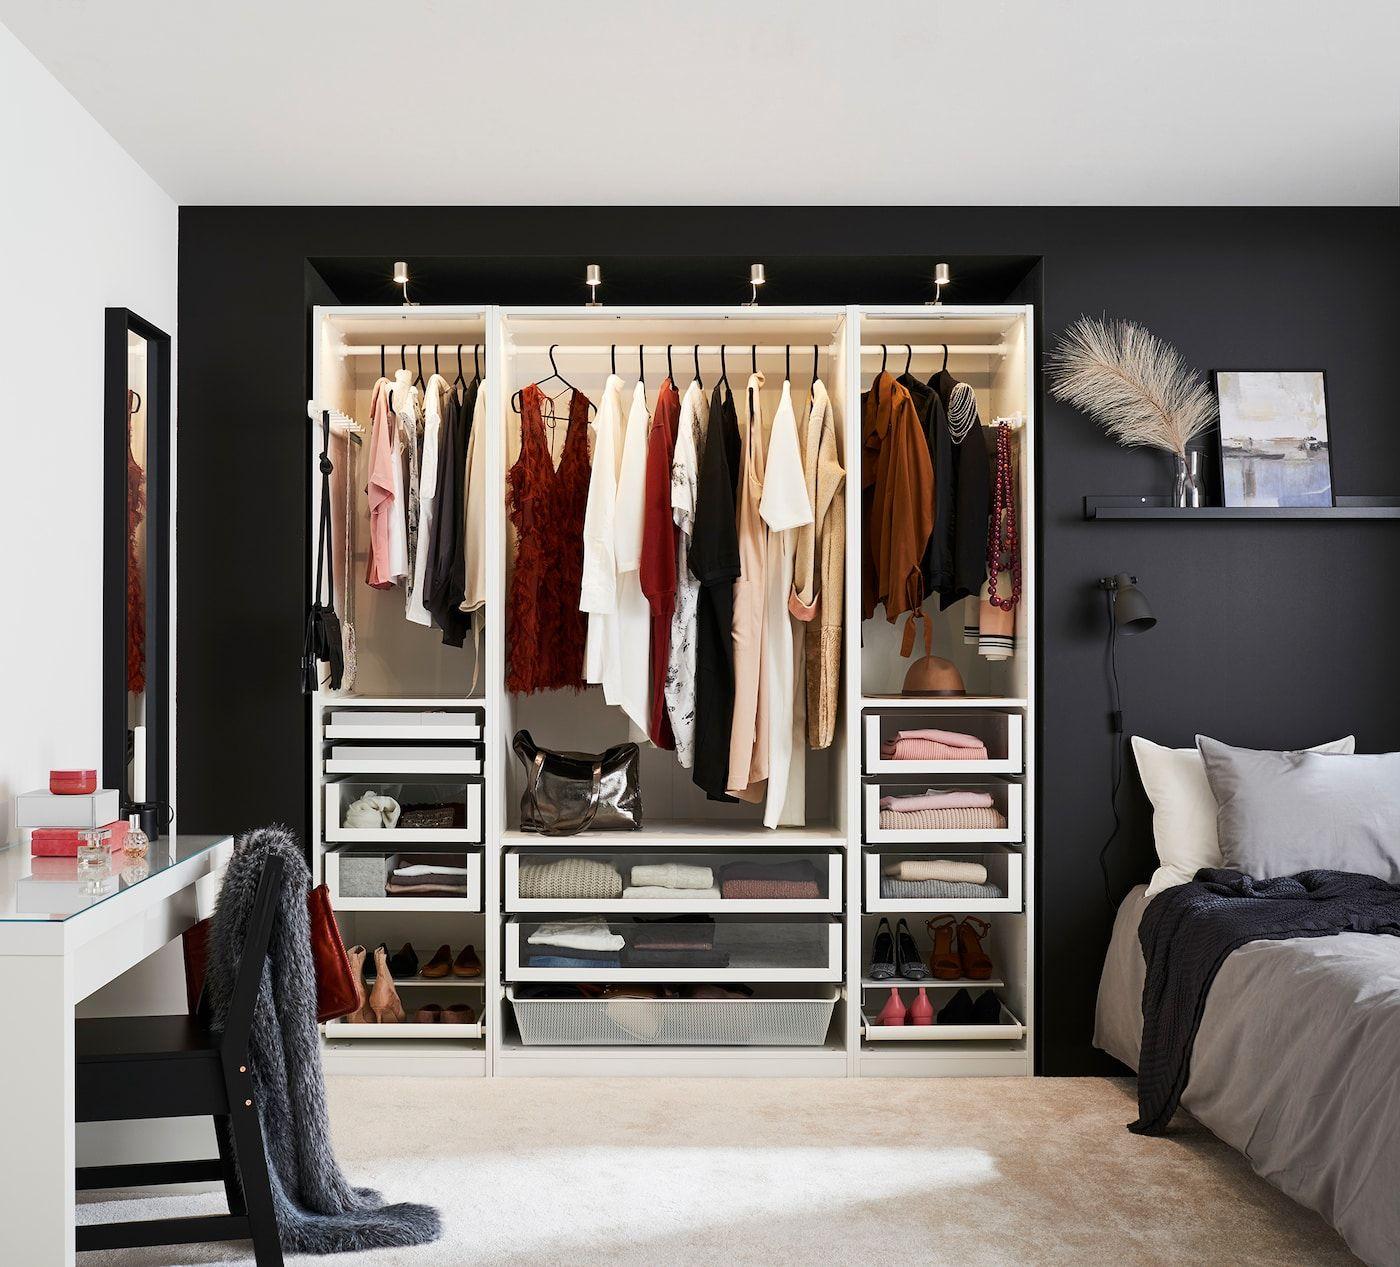 Schrankbeleuchtung Fur Deinen Kleiderschrank Schrankbeleuchtung Rustikales Schlafzimmerdesign Schlafzimmerorganisation